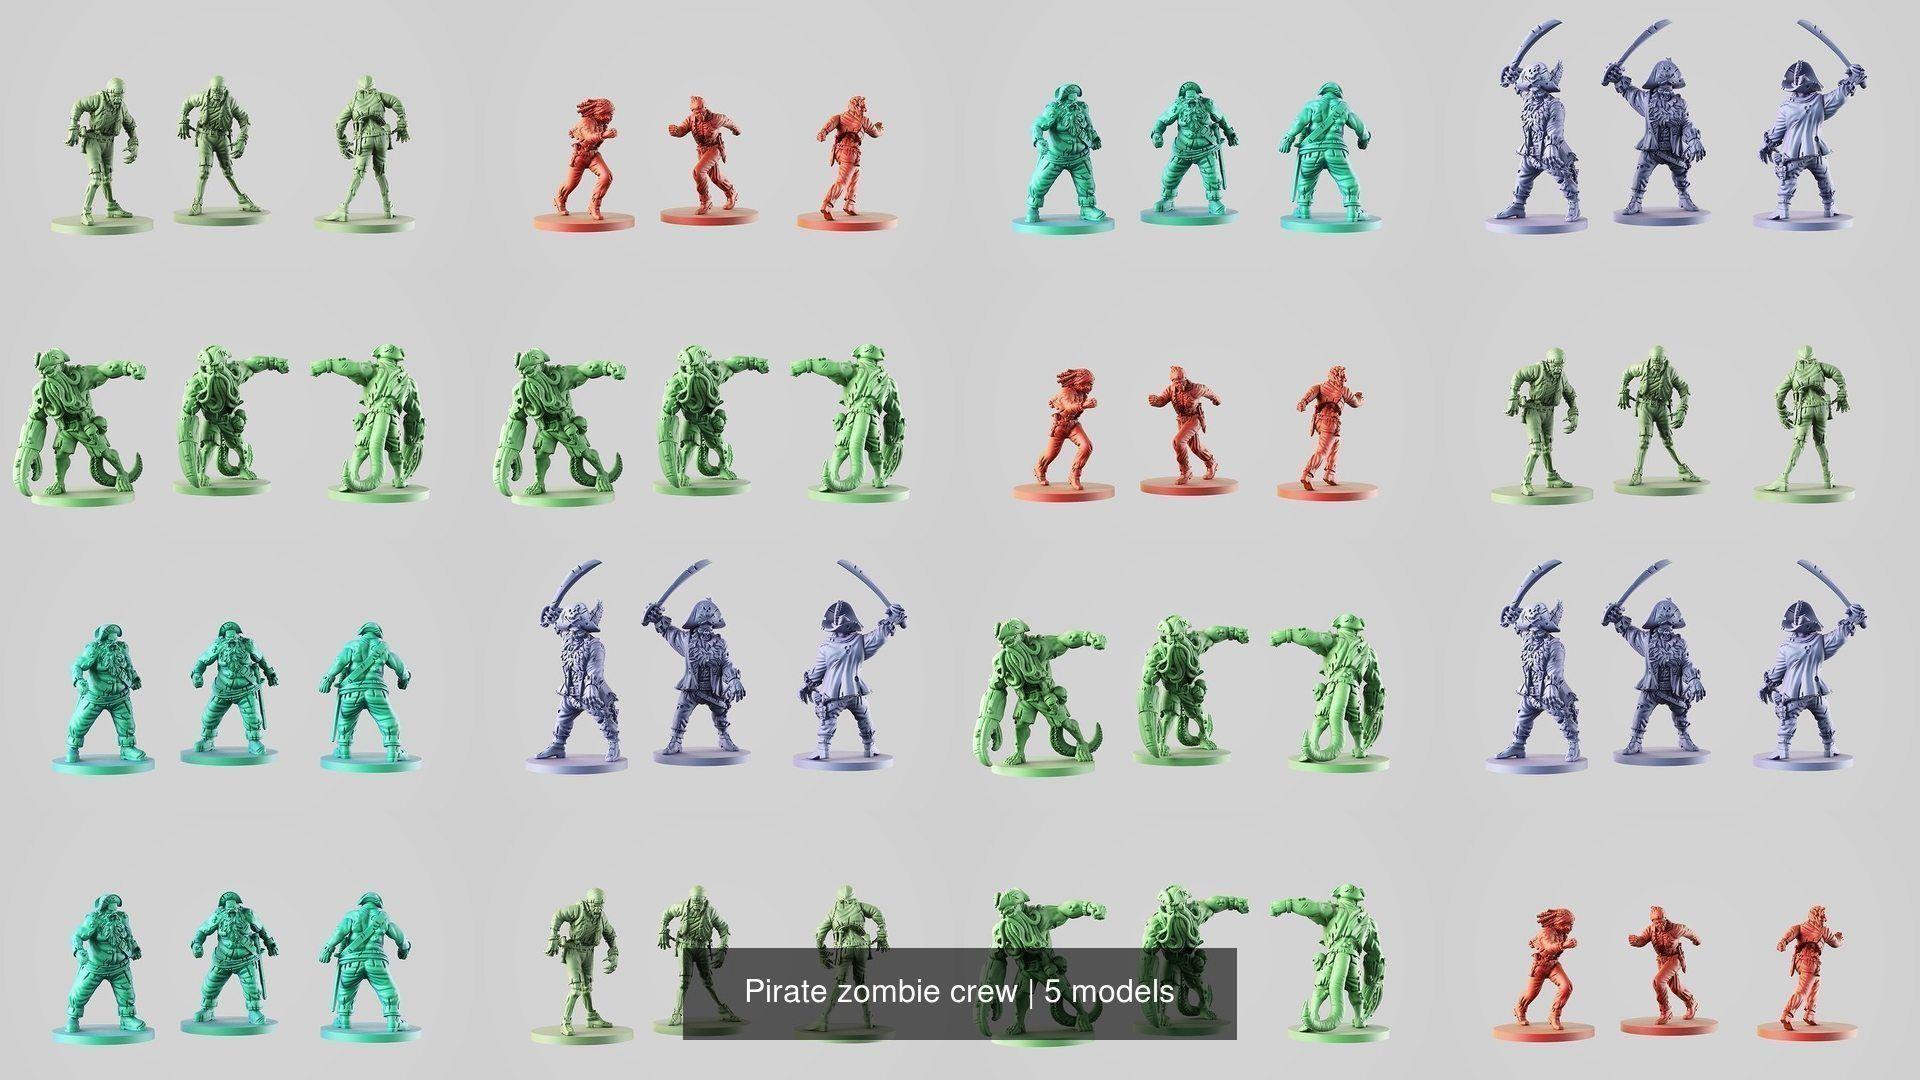 Pirate zombie crew